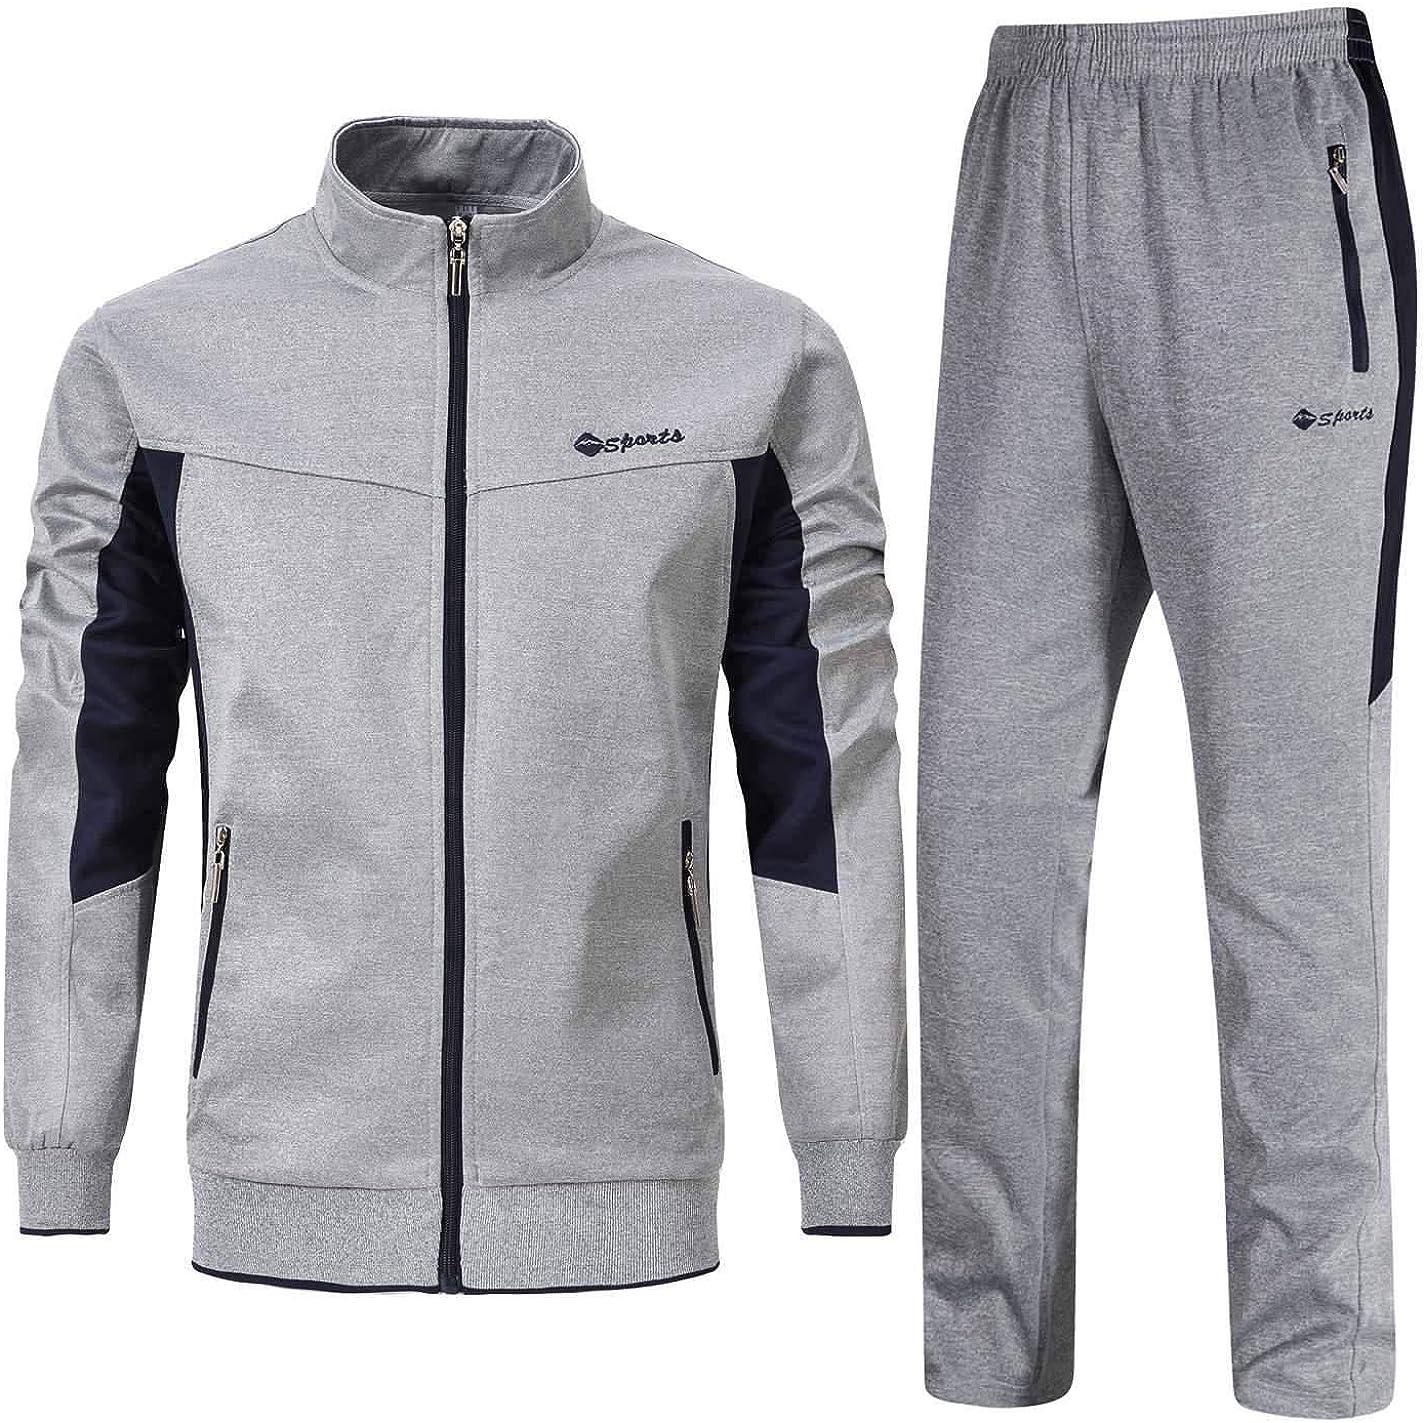 YSENTO Chándal completo para hombre, pantalones de jogging, gimnasio, sudor, cuello alto, pantalones